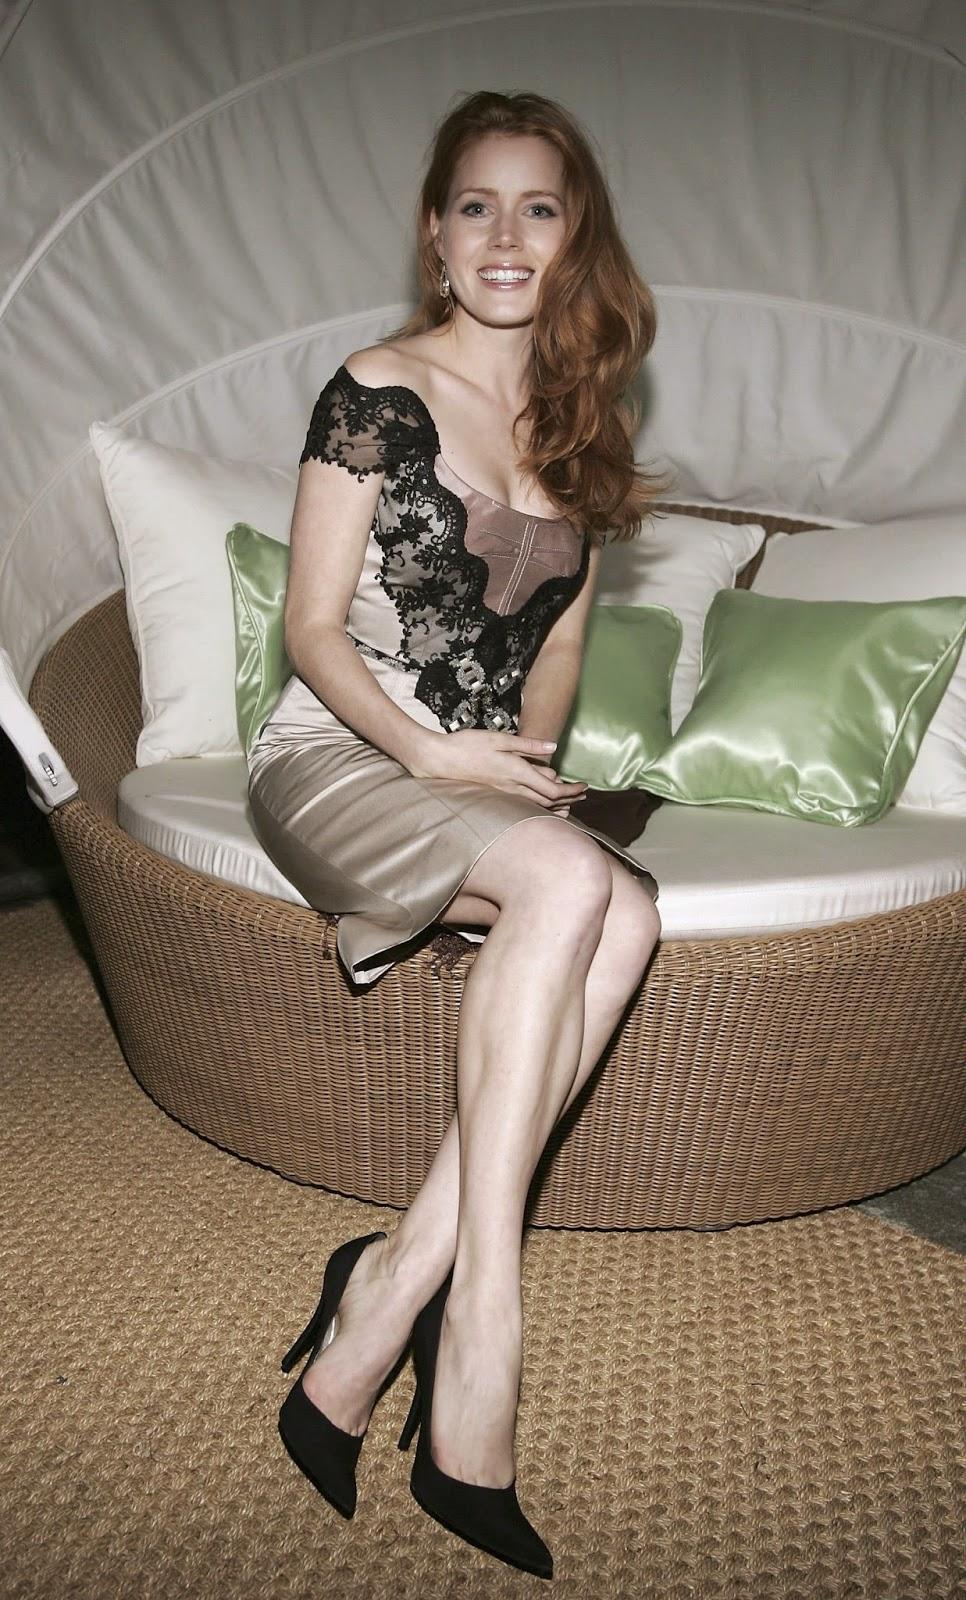 Her Calves Muscle Legs: Amy Adams Hot Feet and Calves